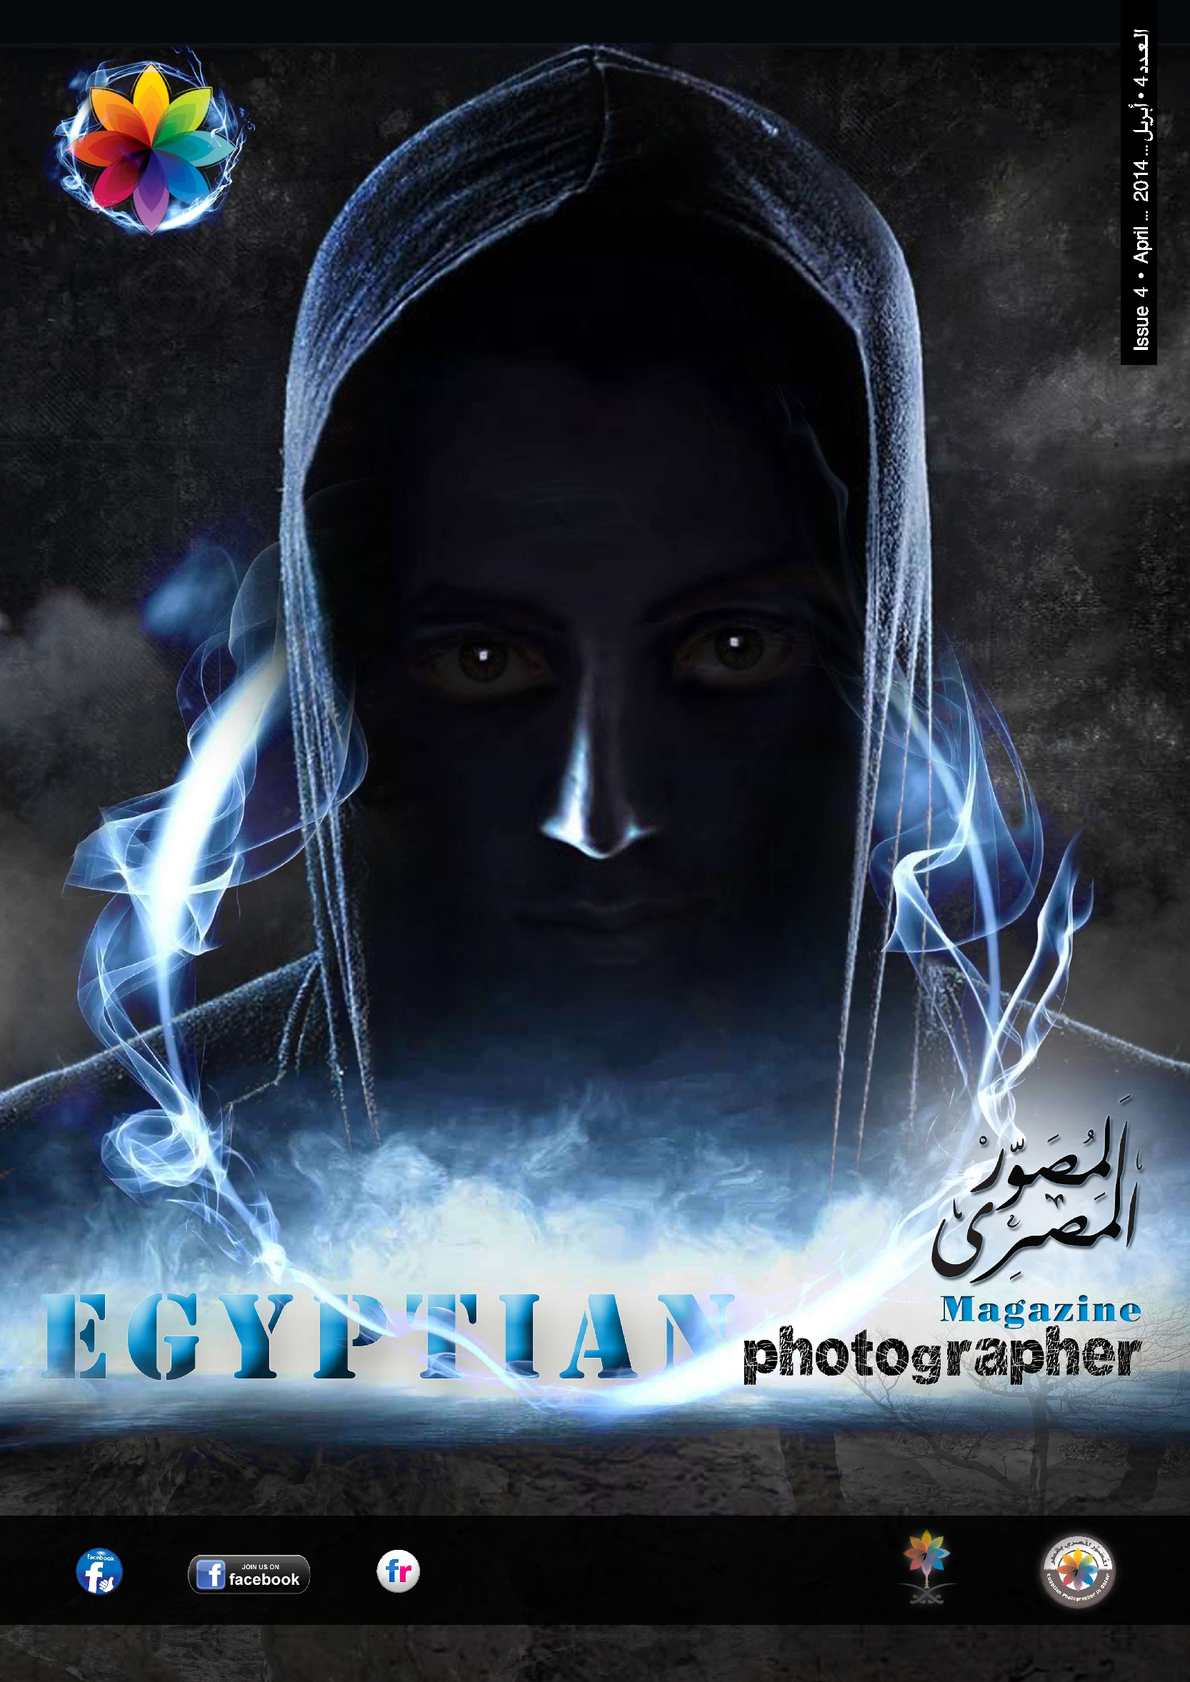 9c9554919114a Calaméo - Egyptian photographer magazine issue 4